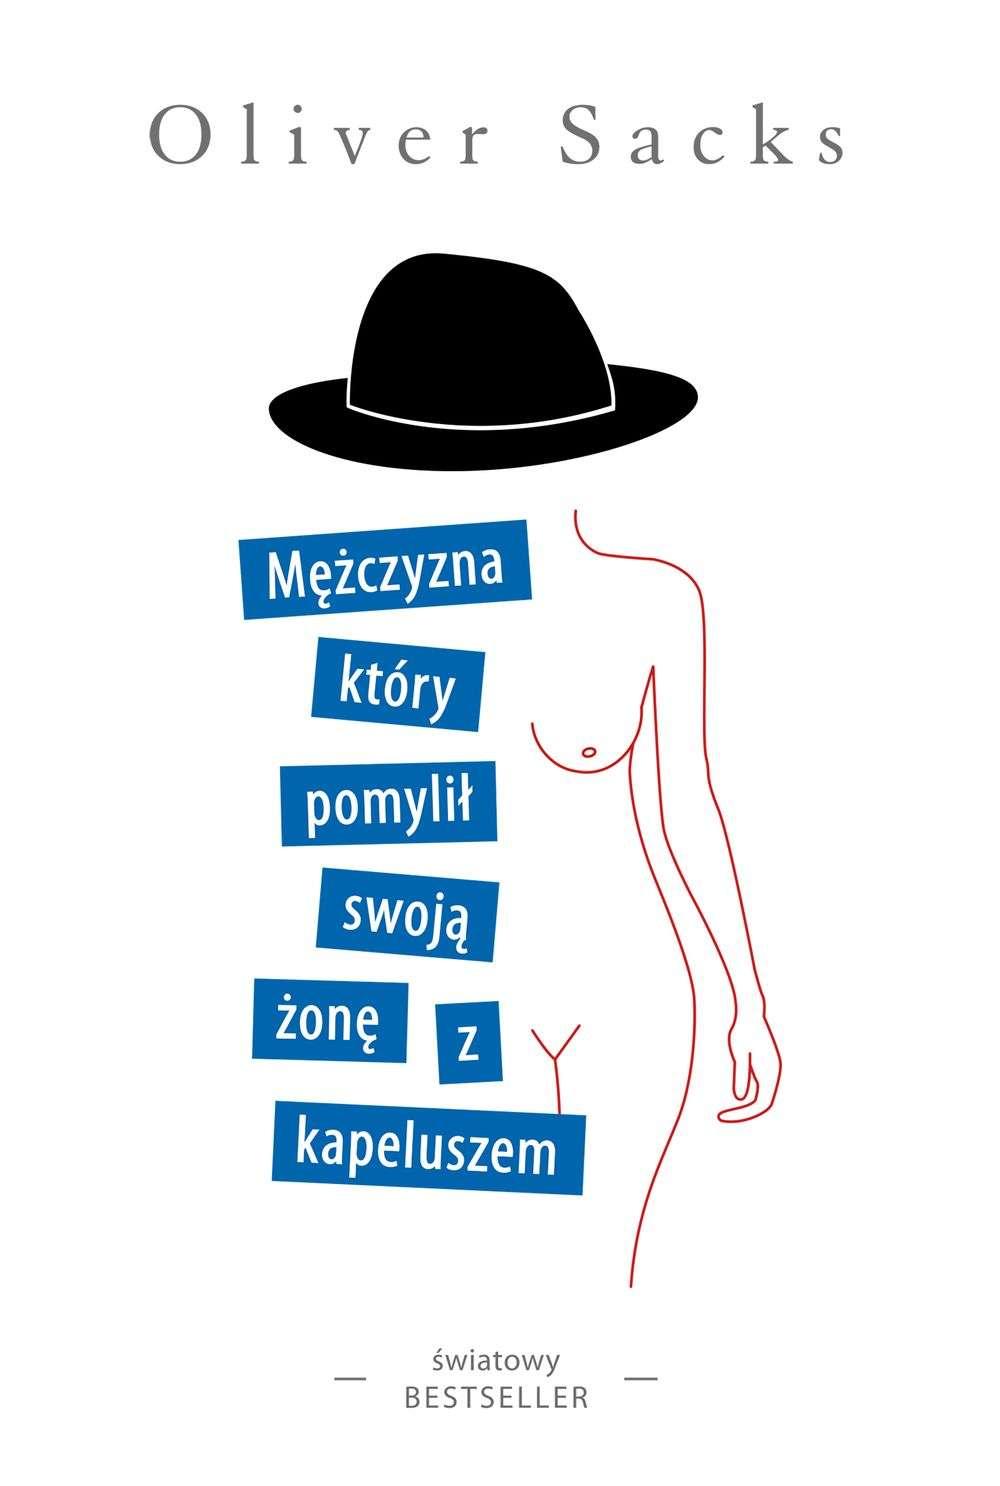 Mezczyzna__ktory_pomylil_swoja_zone_z_kapeluszem